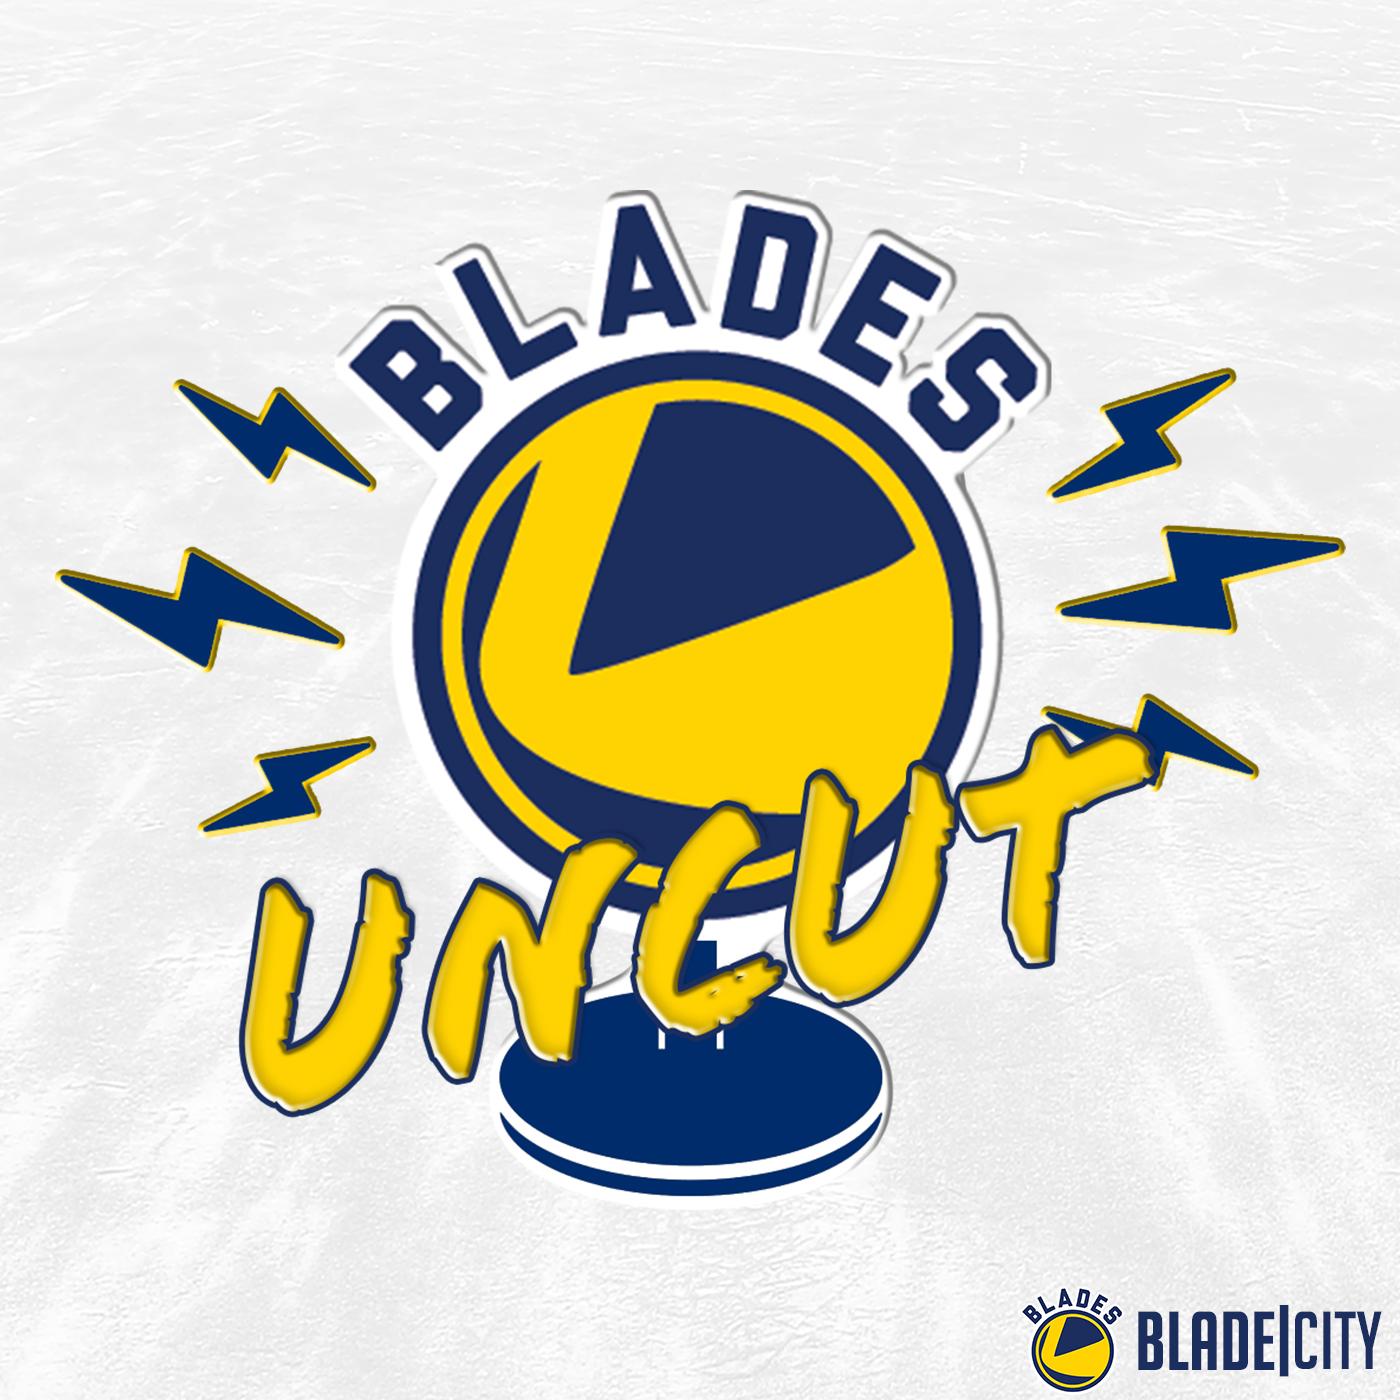 Blades Uncut